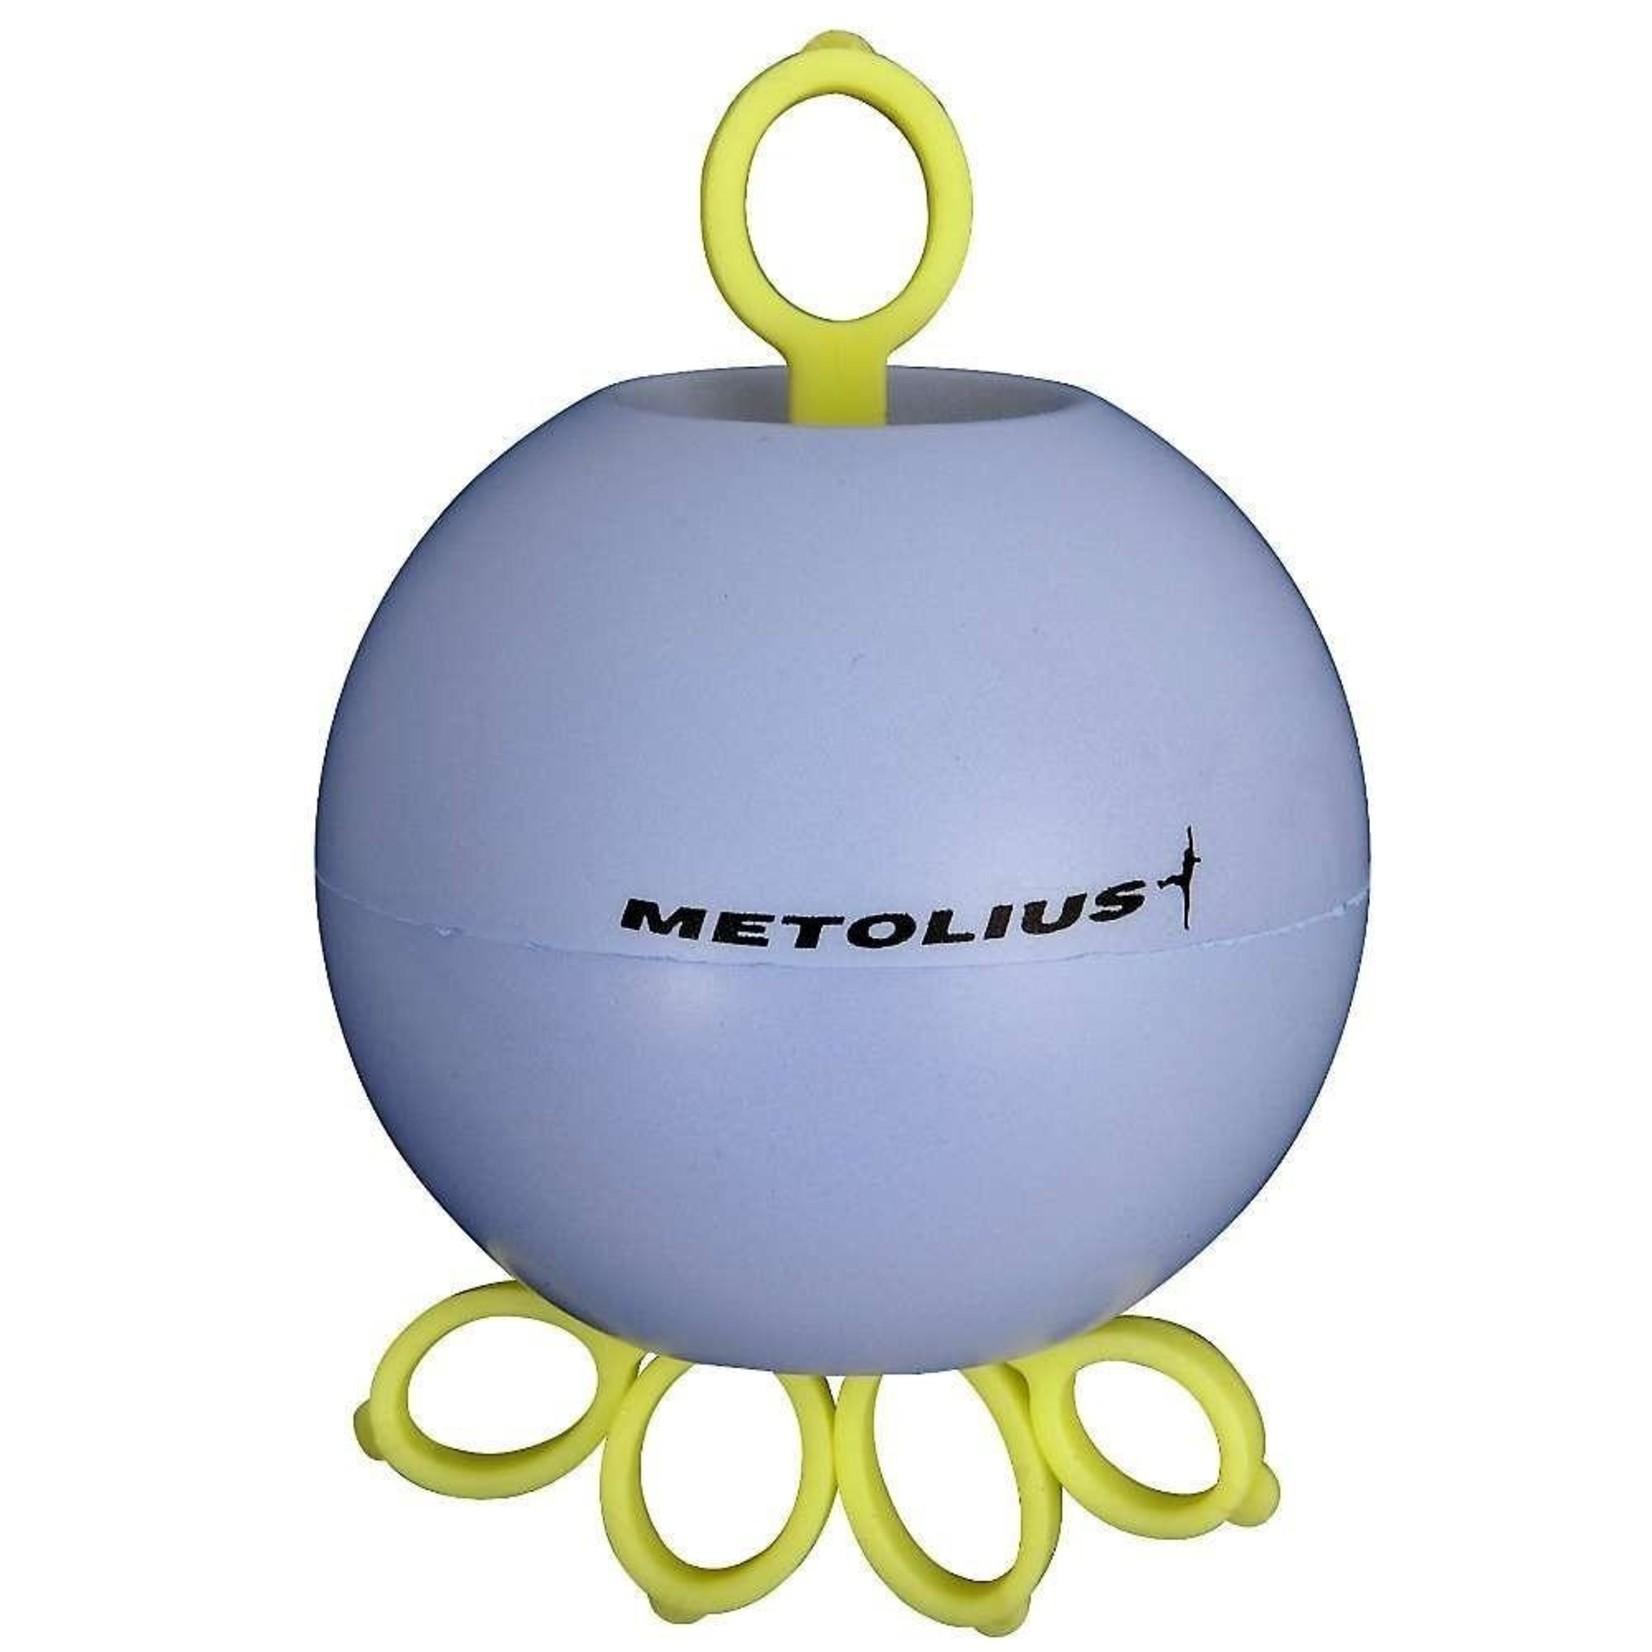 Metolius GripSaver Plus